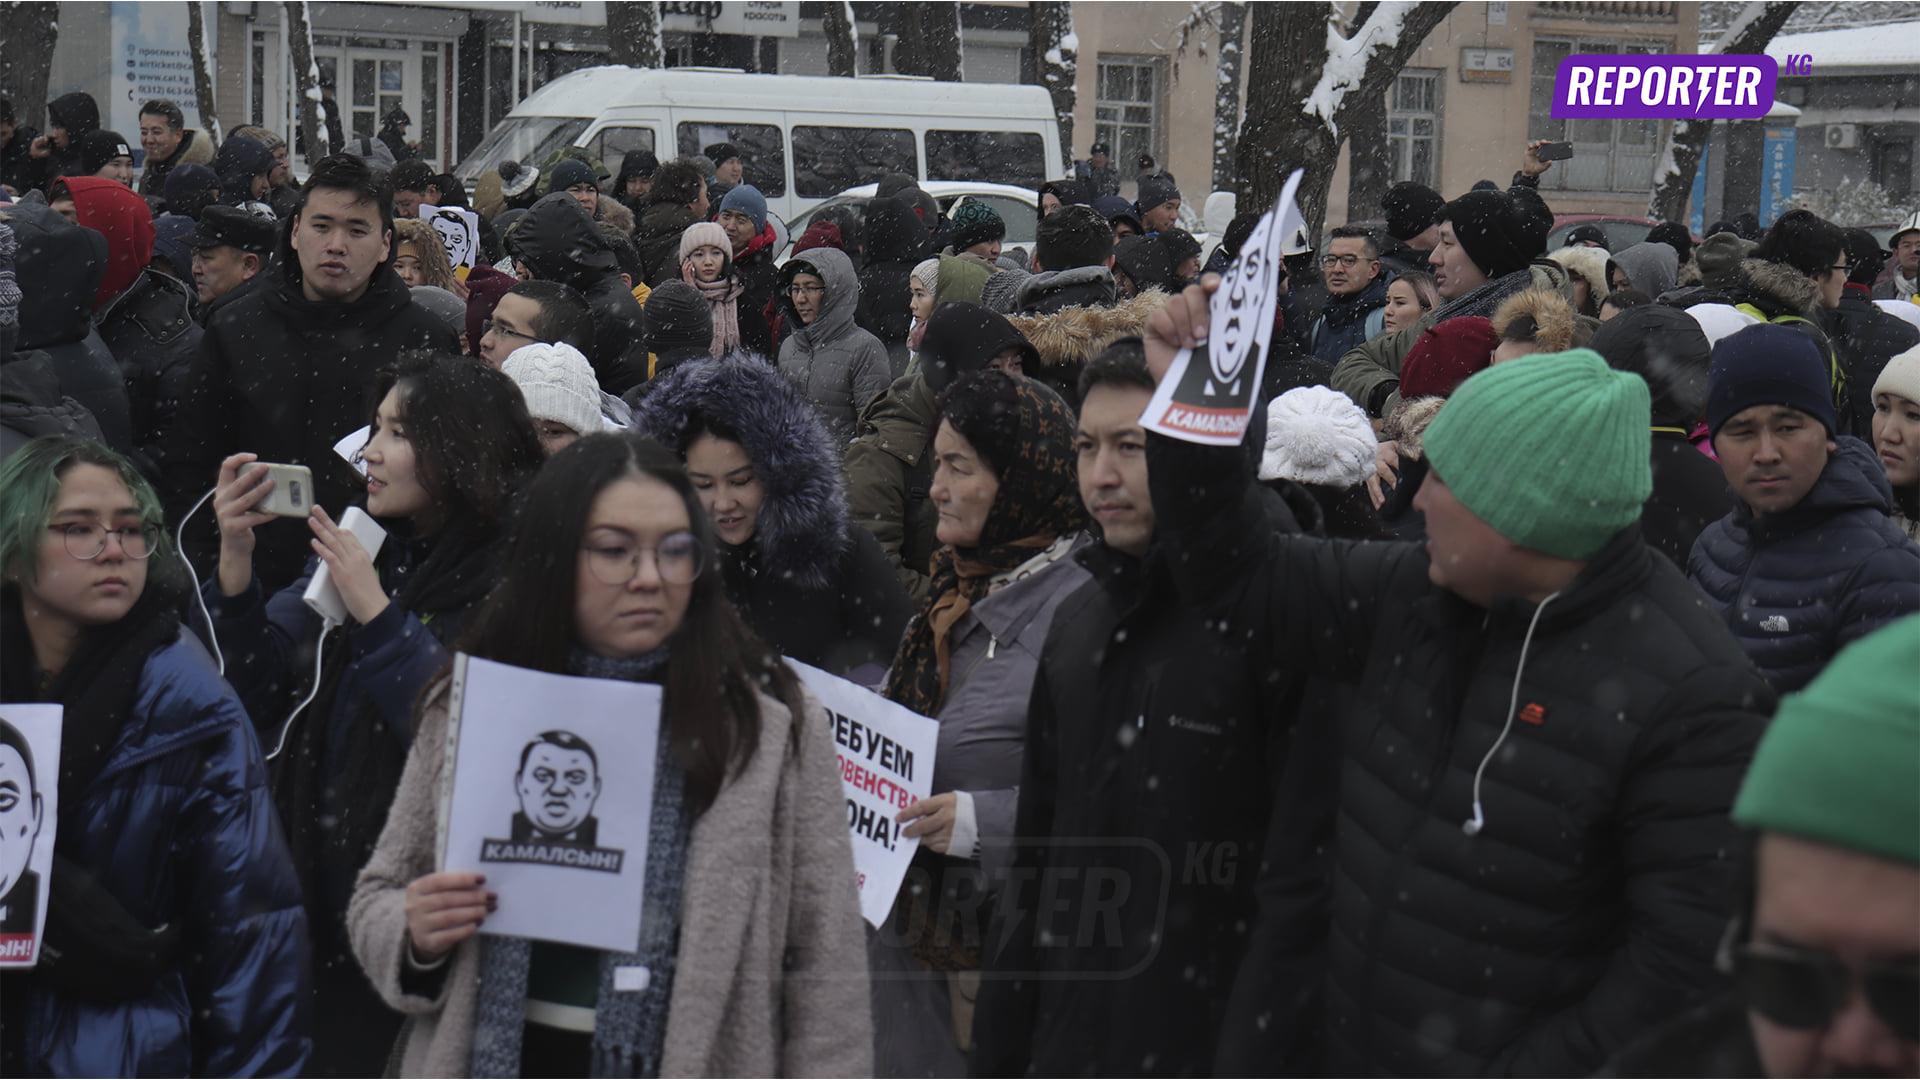 «#REакция» жарандык акциянын катышуучулары президентке жана парламентке кайрылуу жөнөтүштү